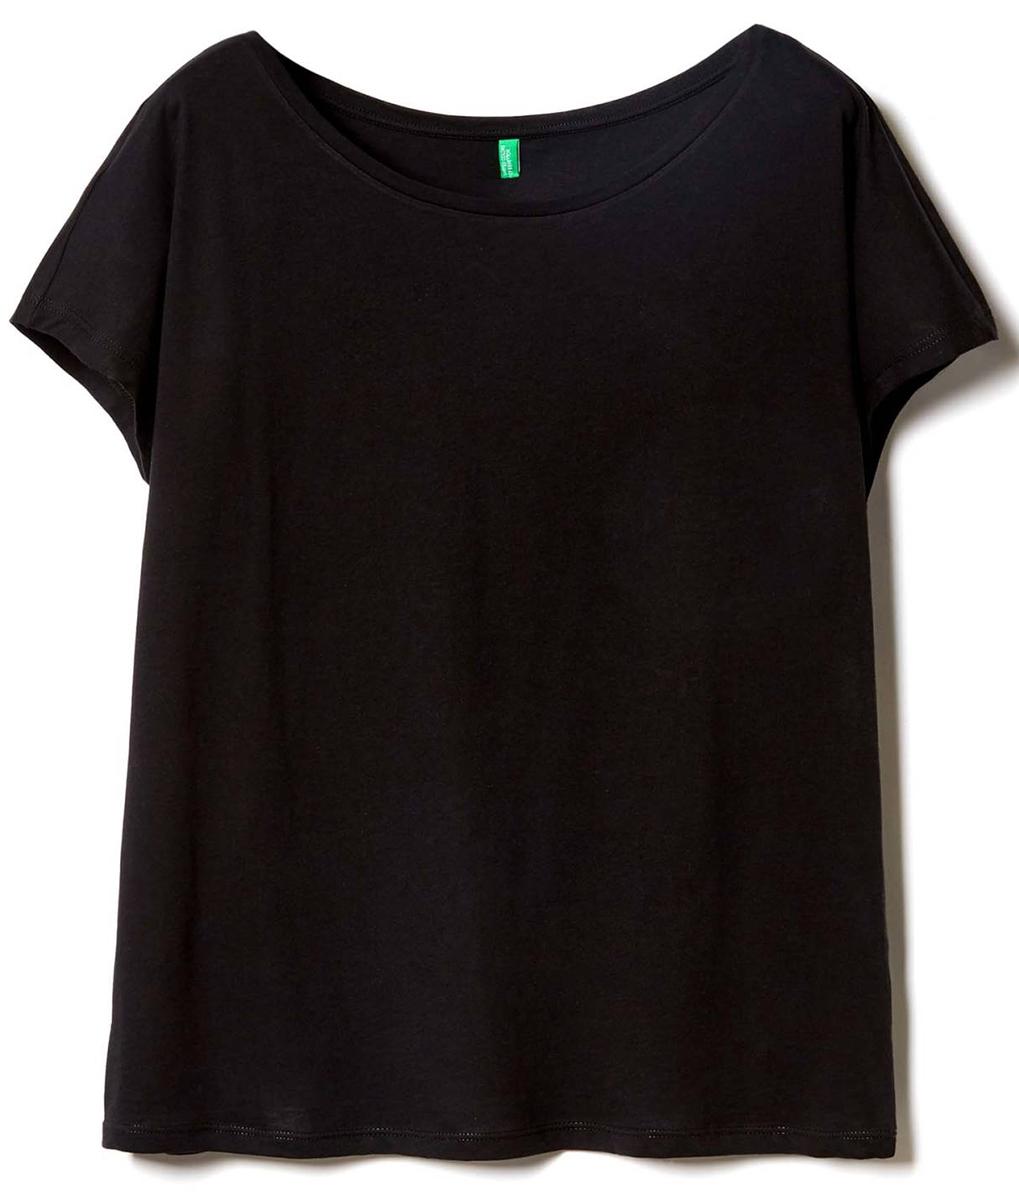 Свитер жен United Colors of Benetton, цвет: черный. 3I97E1L68_100. Размер XS (40/42)3I97E1L68_100